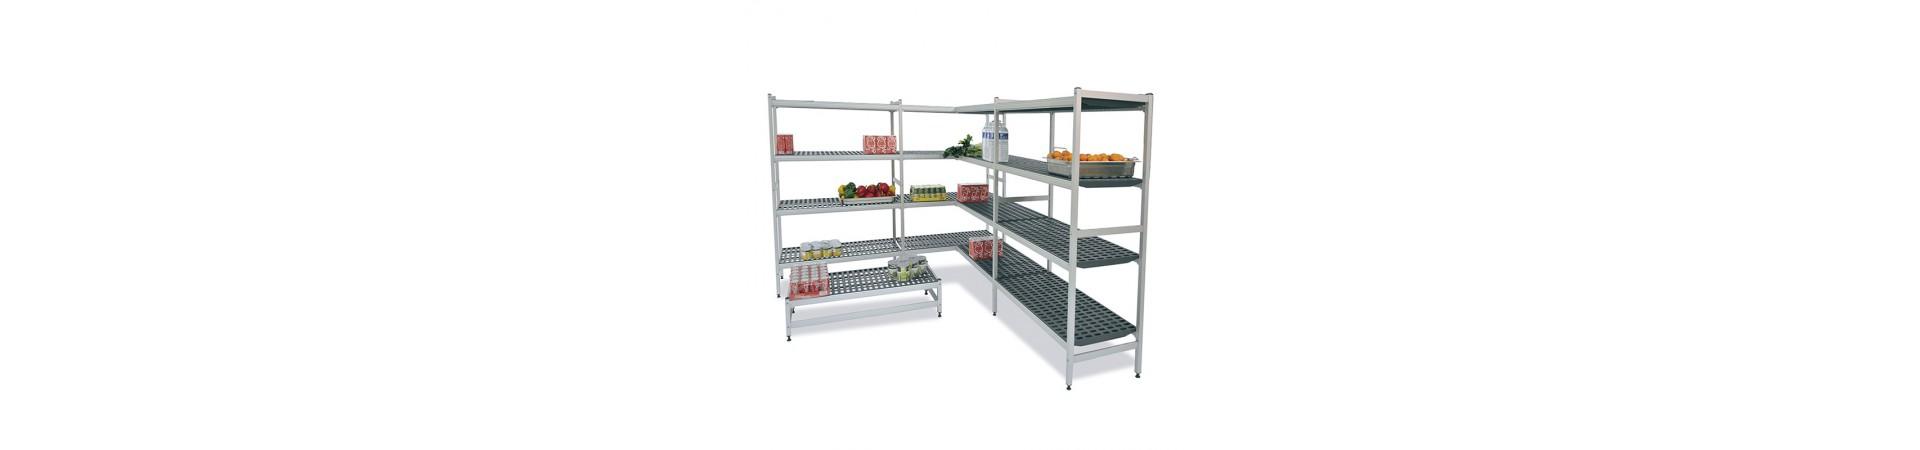 Estanterías de pared, de pie de acero inoxidables y de aluminio especiales para cámaras frigoríficas. Compra hoy con garantía.